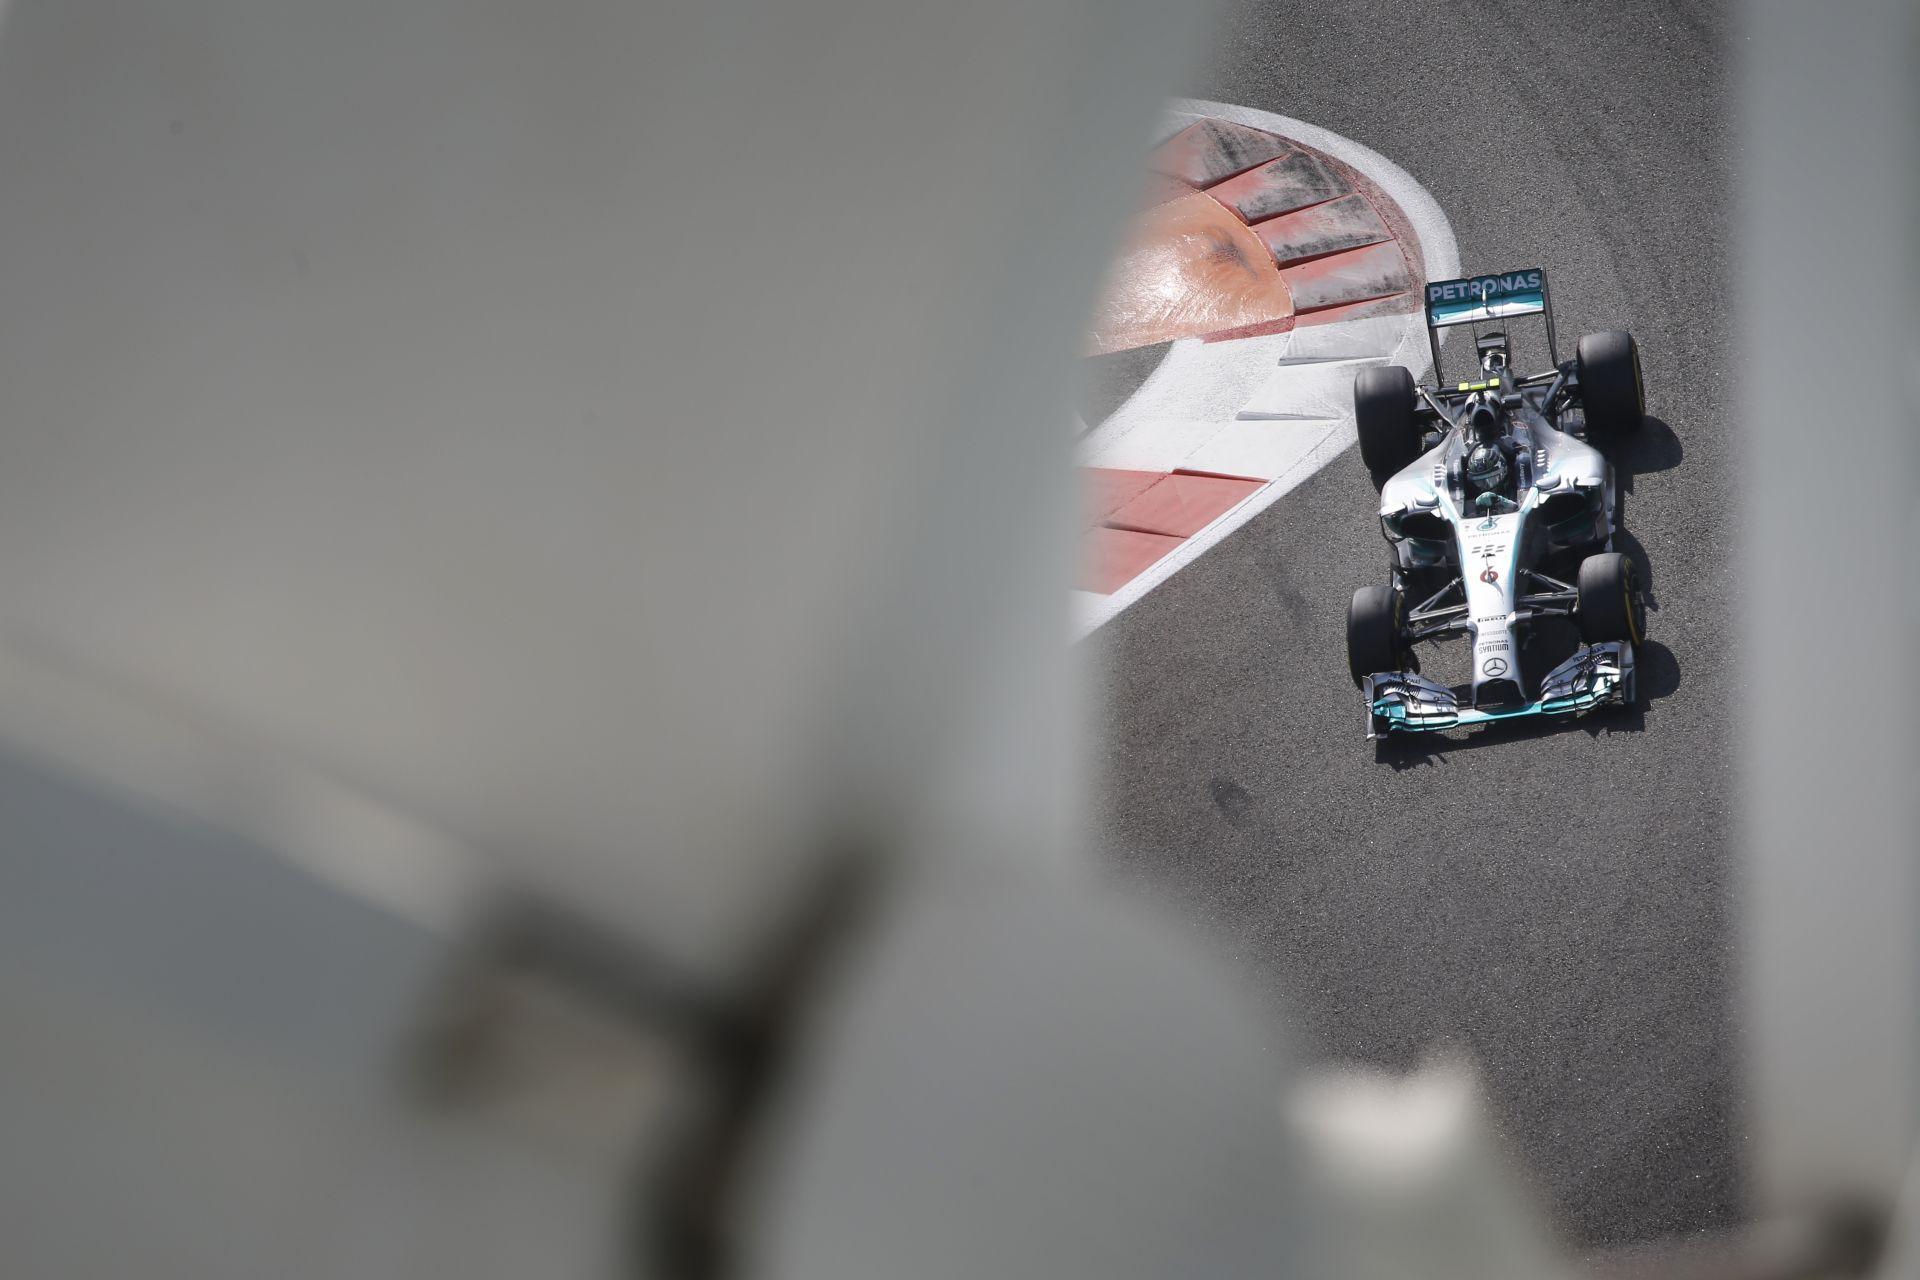 Rosberg csúnyán elverte Hamiltont az idei szezon utolsó időmérőjén! Bottas, Massa, Ricciardo a további sorrend Abu Dhabiban